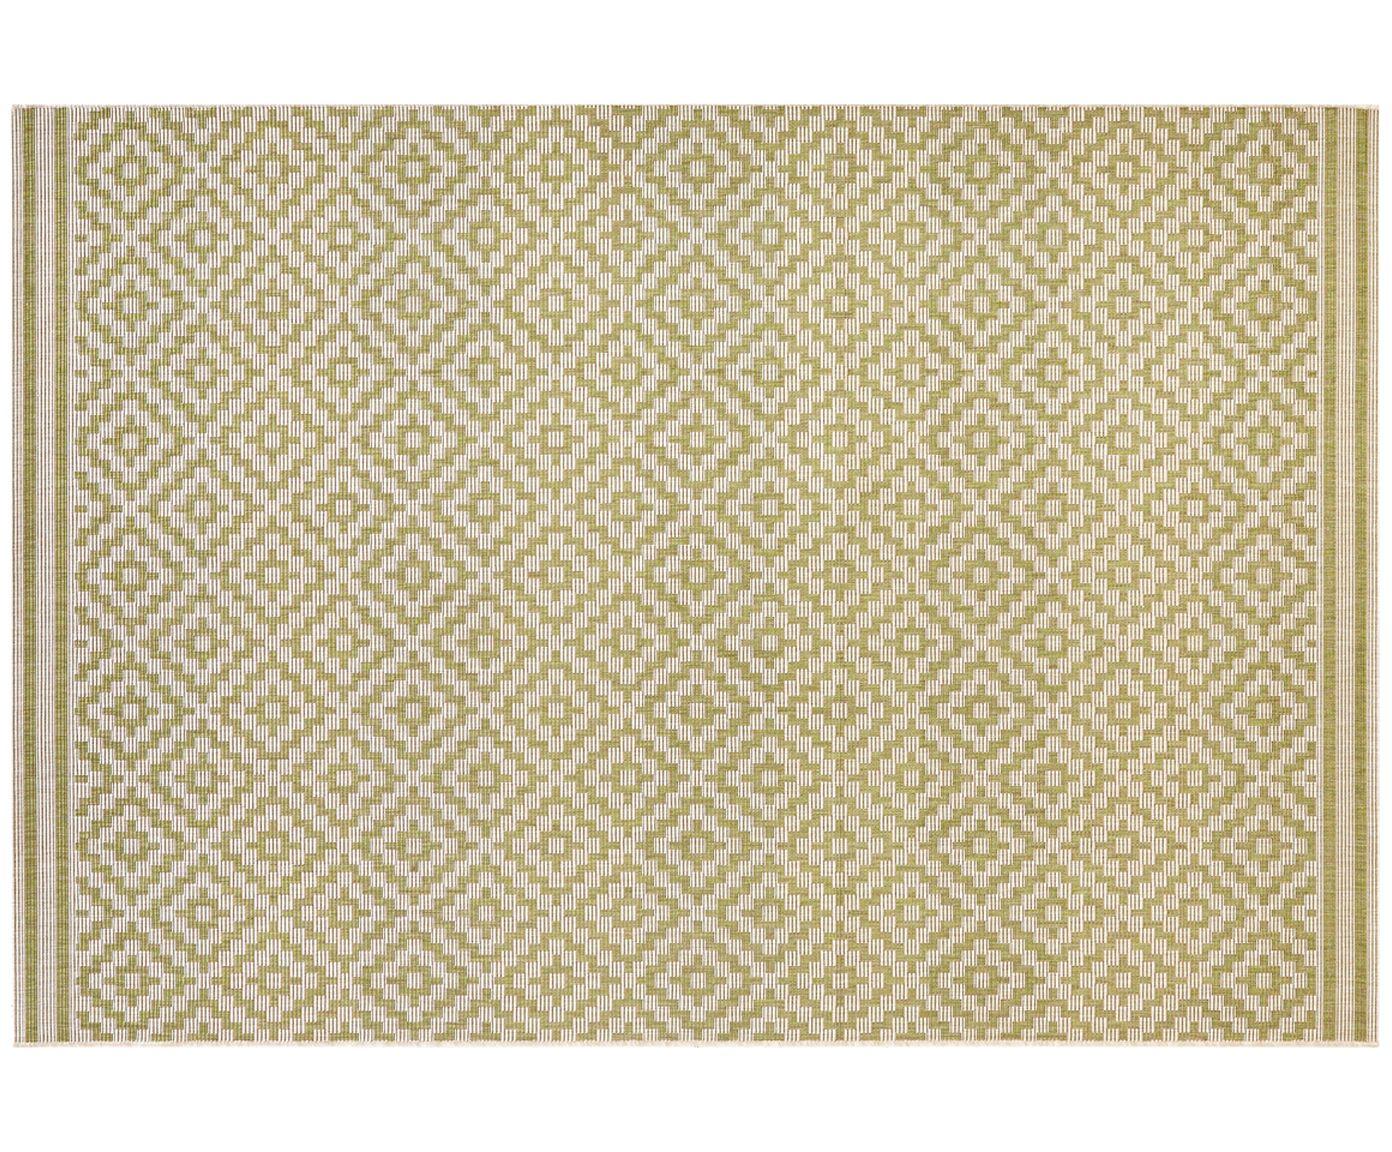 In Outdoor Teppich Meadow Raute Mit Grafischem Muster Westwingnow Outdoor Teppich Teppich Teppich Grün